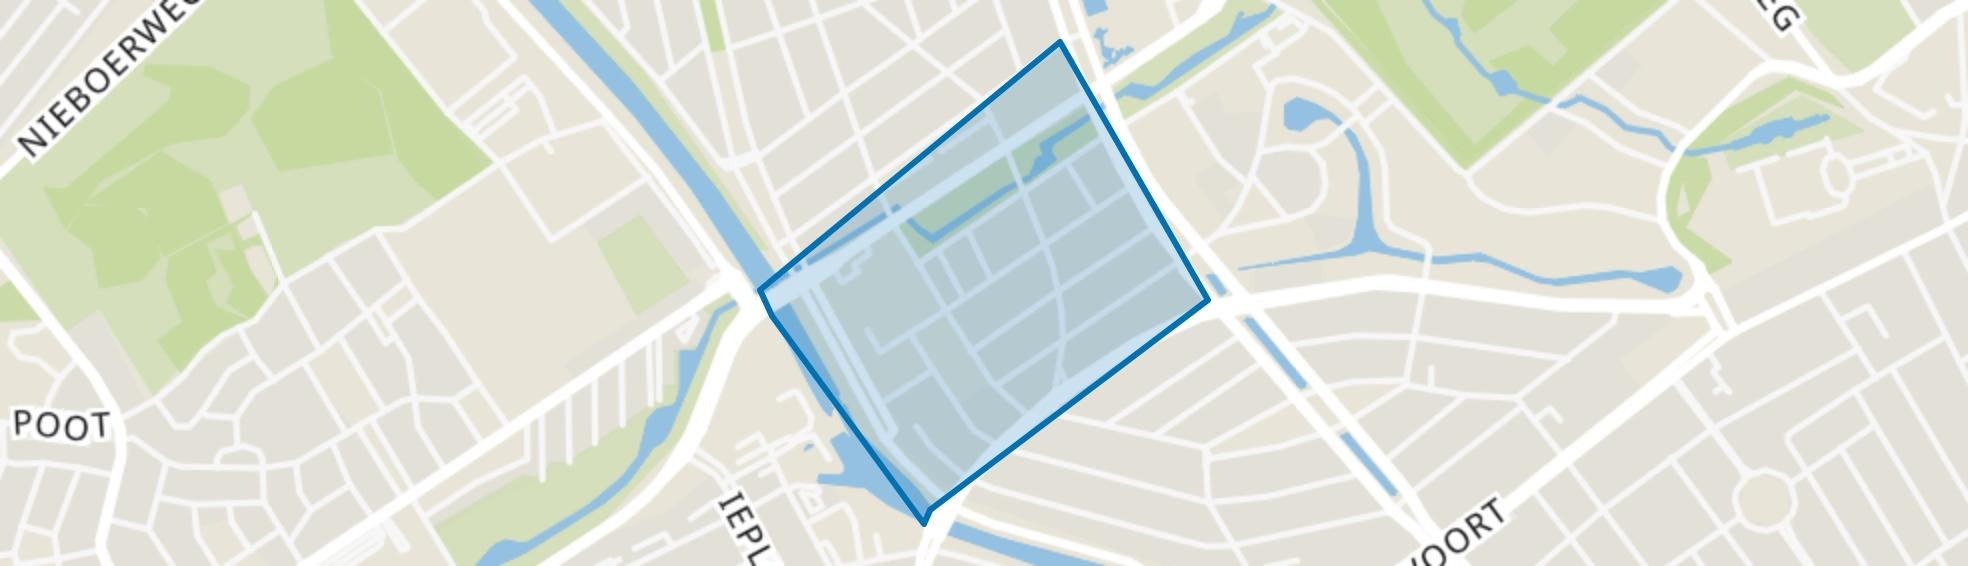 Stadhoudersplantsoen, Den Haag map